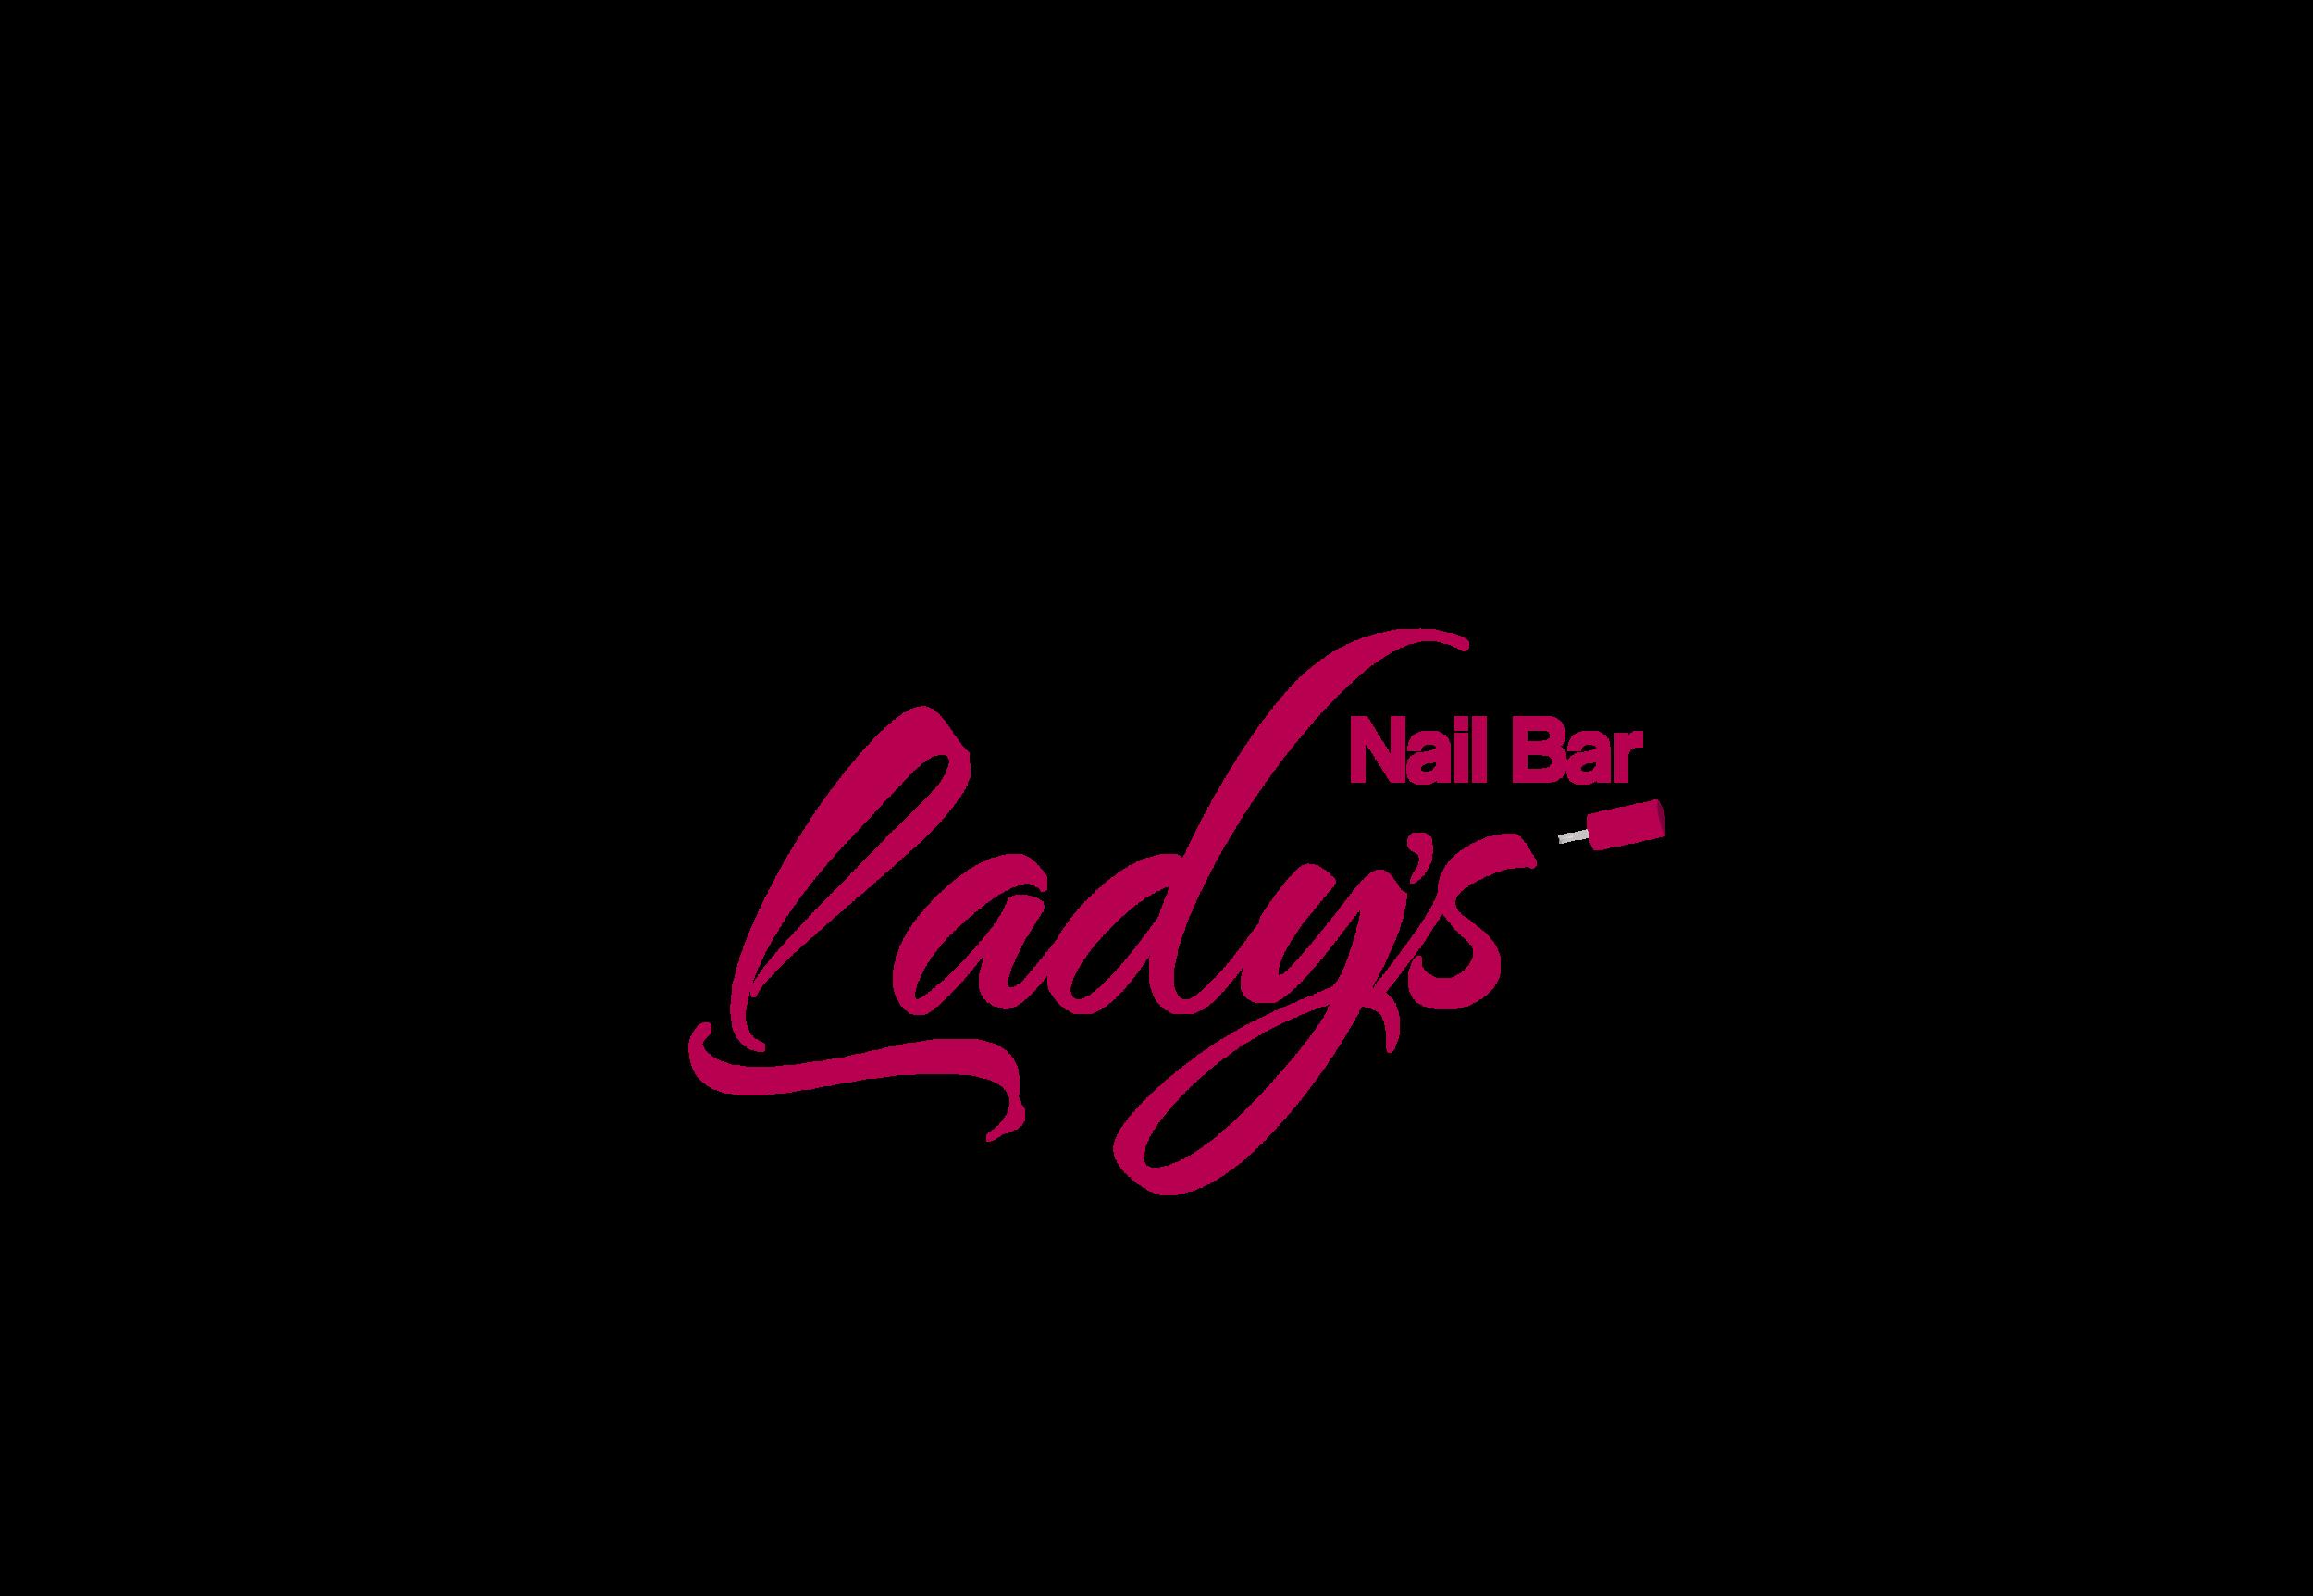 Ladys Nail Bar Color PNG.png